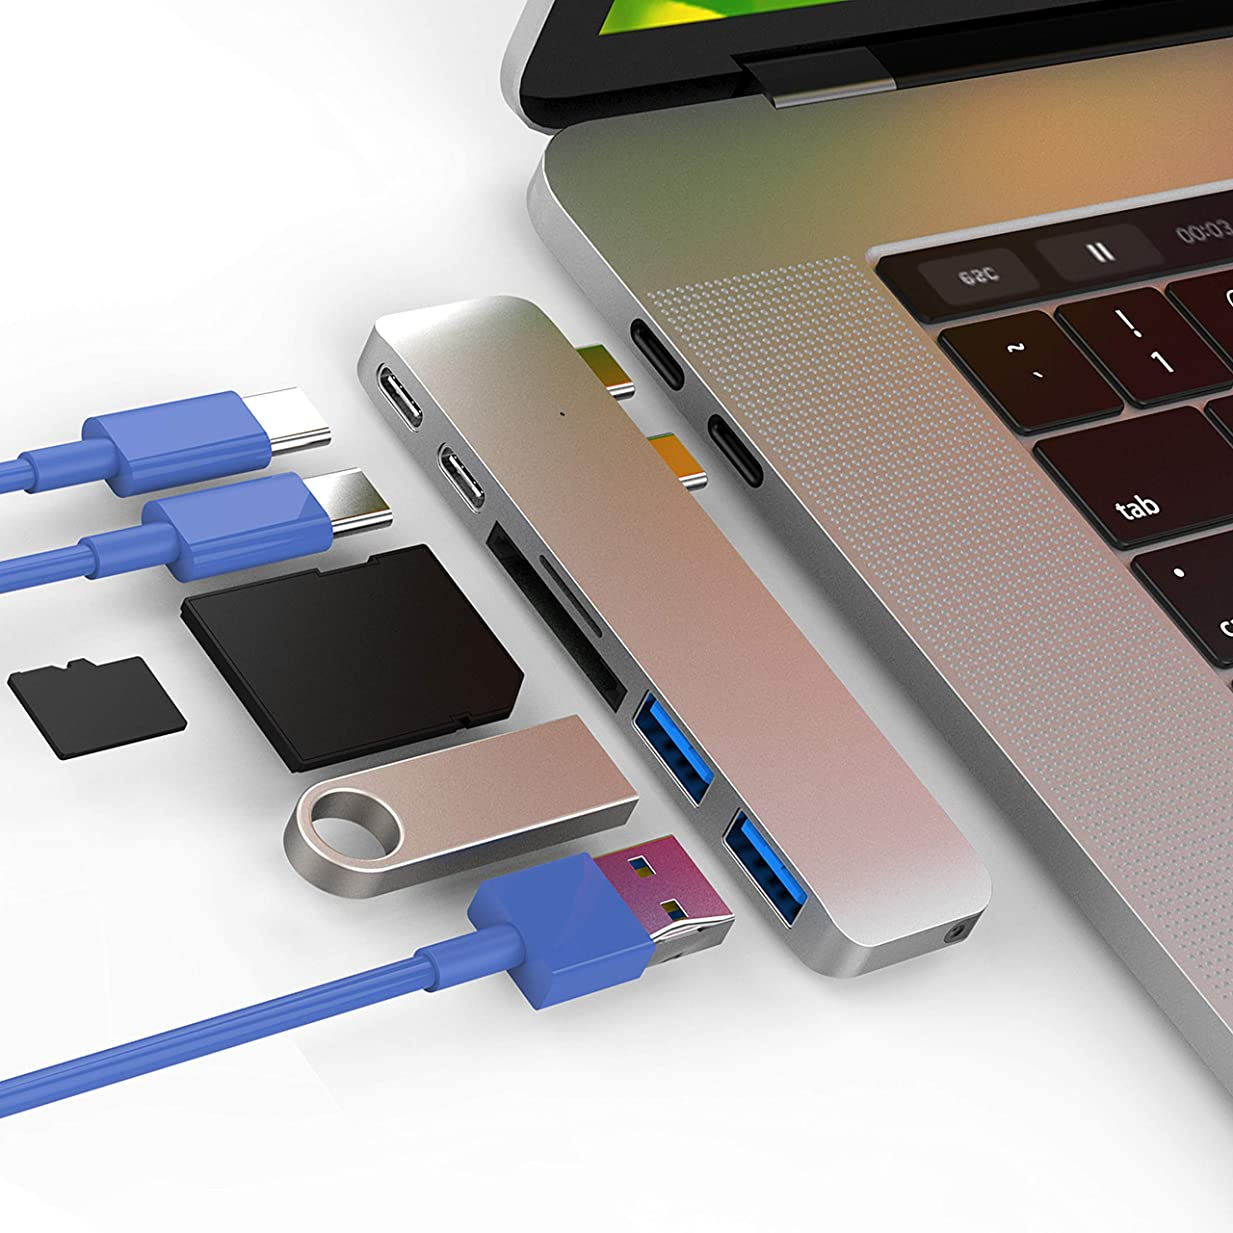 喜ぶバイオリン早くCharJenPro アップルMacBook Proの2016年と2017年のためのmacstickアダプタ/ハブを認定 - 40ギガバイト/秒落雷3ポート5K @ 60Hzの、USB-Cデータポート、2 USB 3.0、SDやマイクロSDカードリーダー(シルバー) 銀